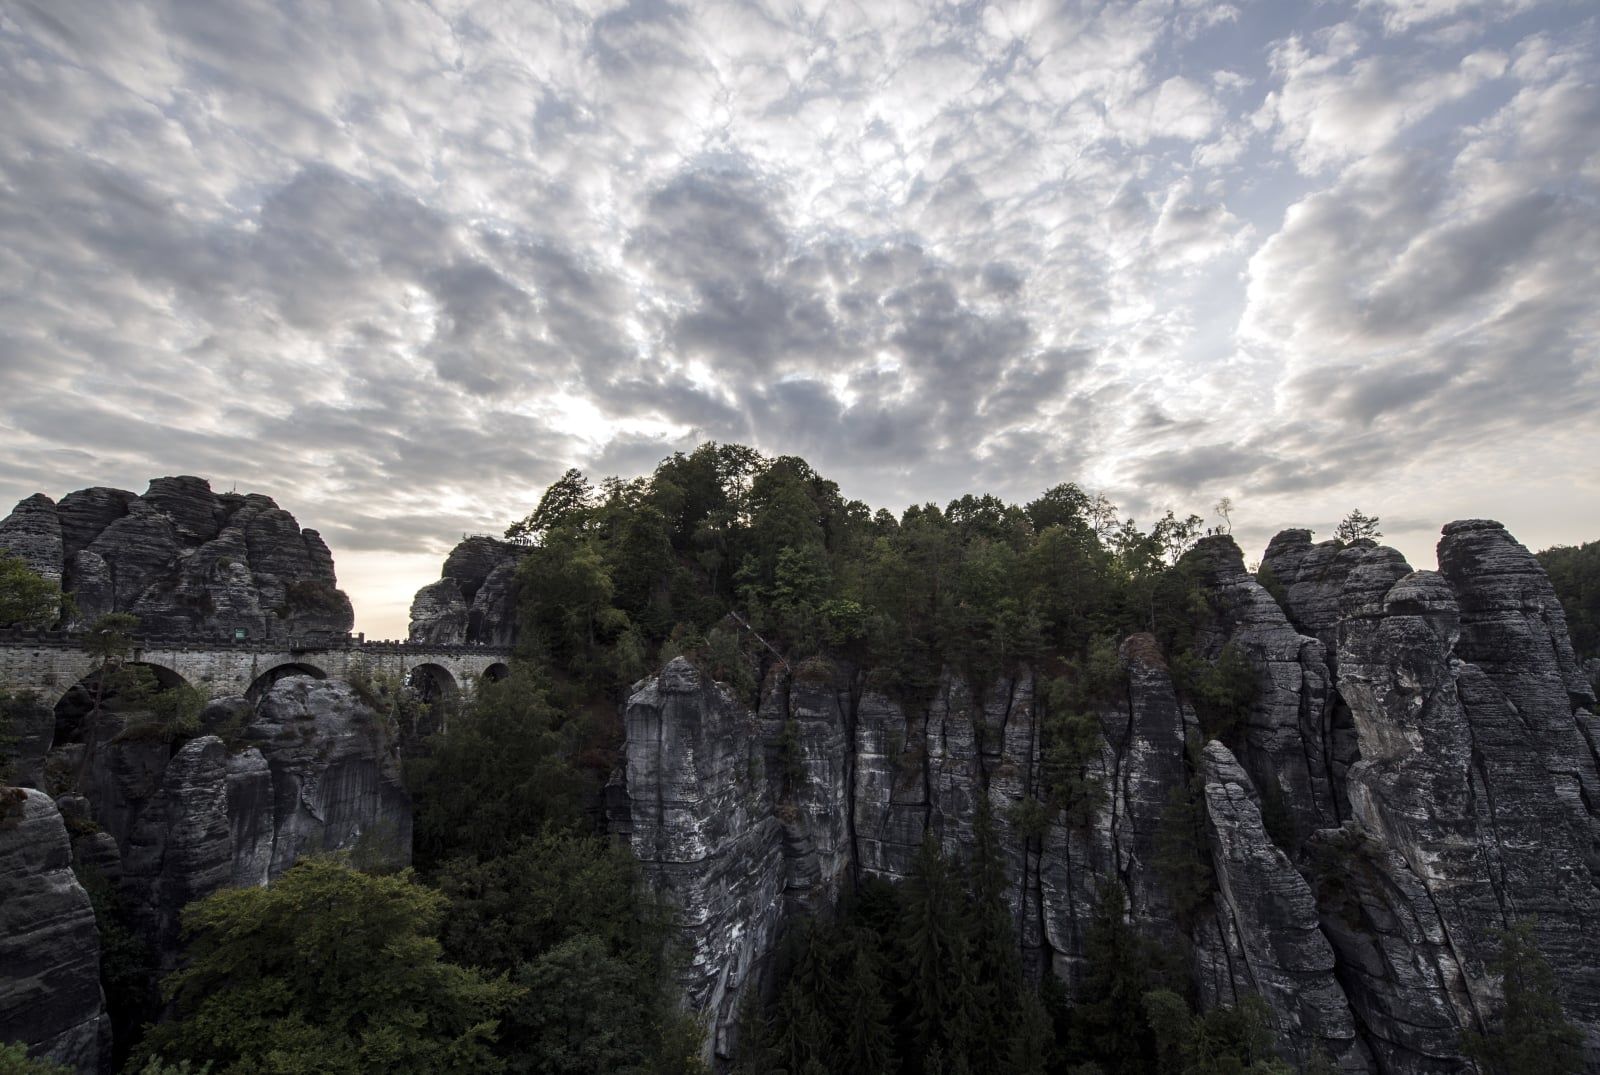 Most w Parku Narodowym w Saksonii szwajcarskiej, Szwajcaria. PAP/EPA/FILIP SINGER